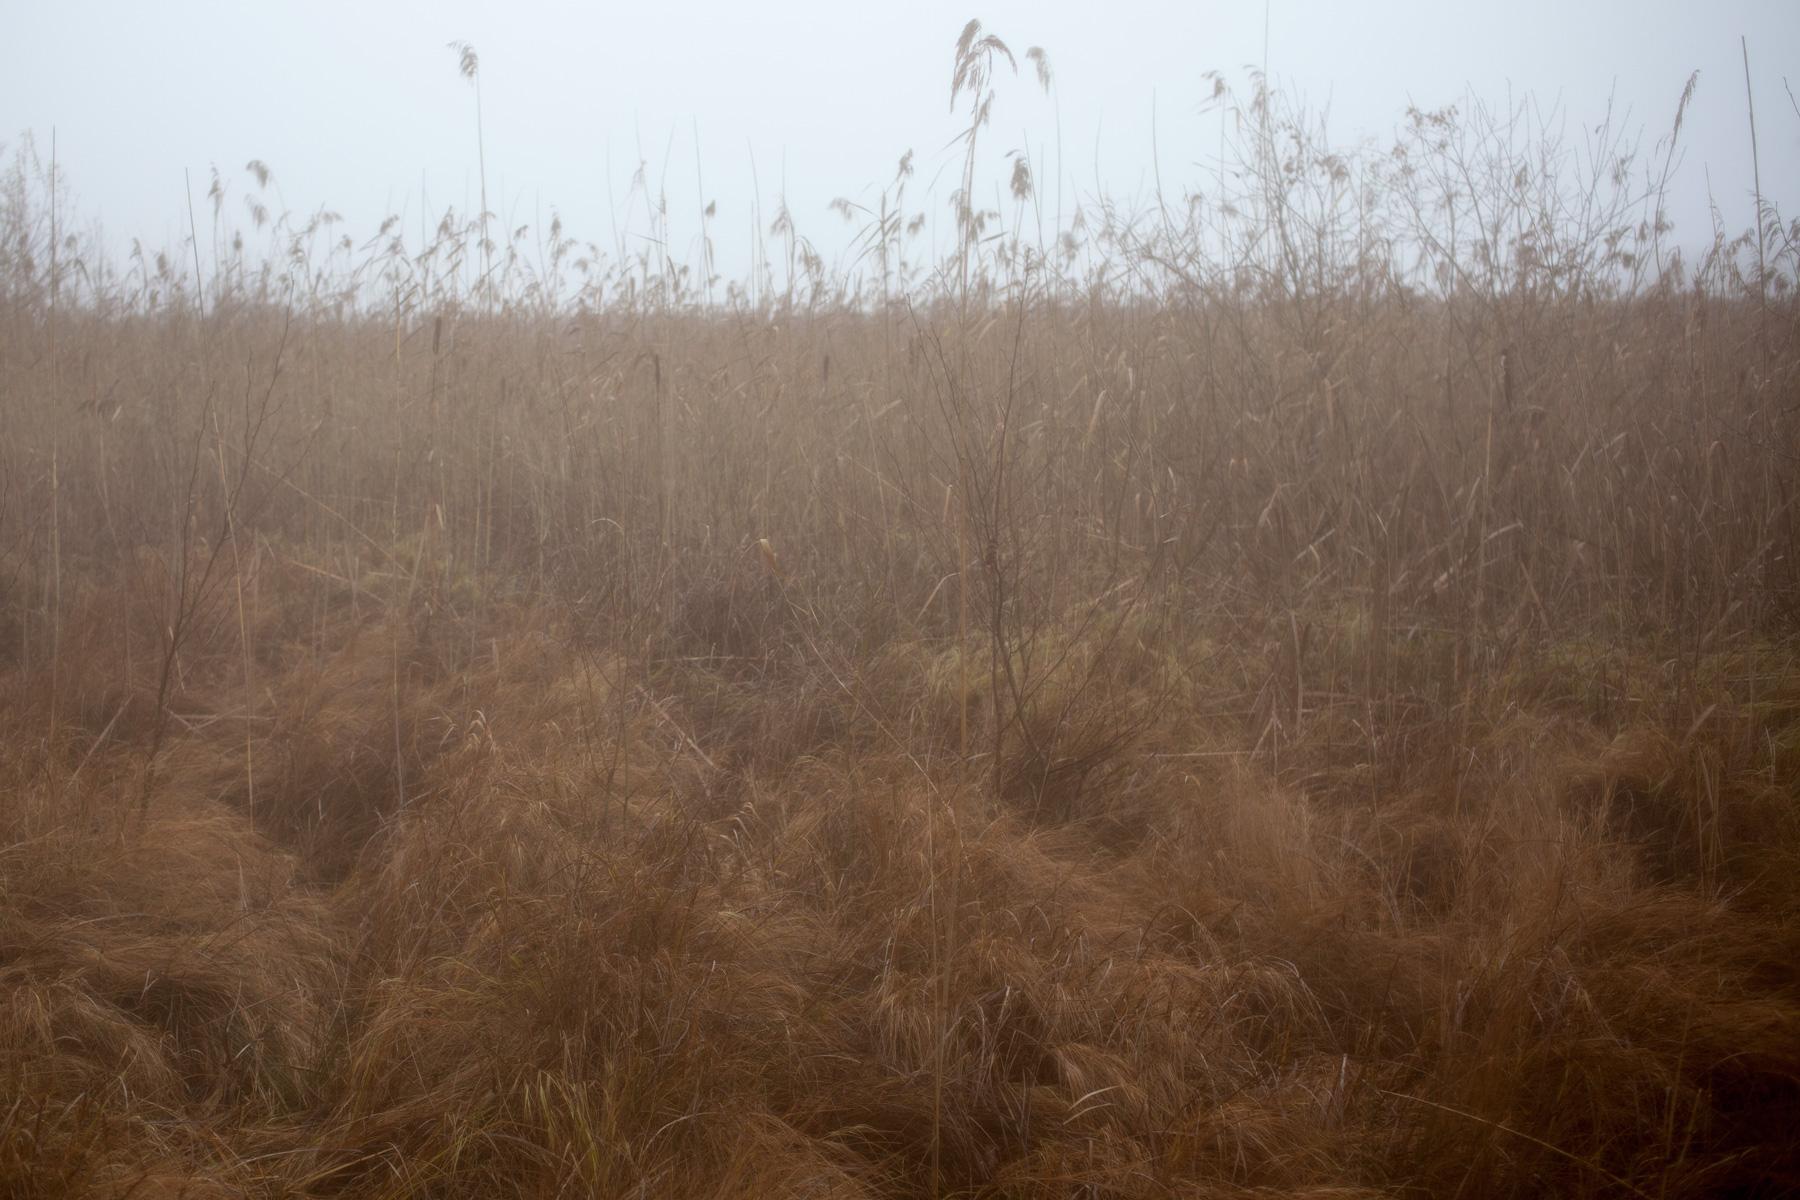 among-teh-reeds-6